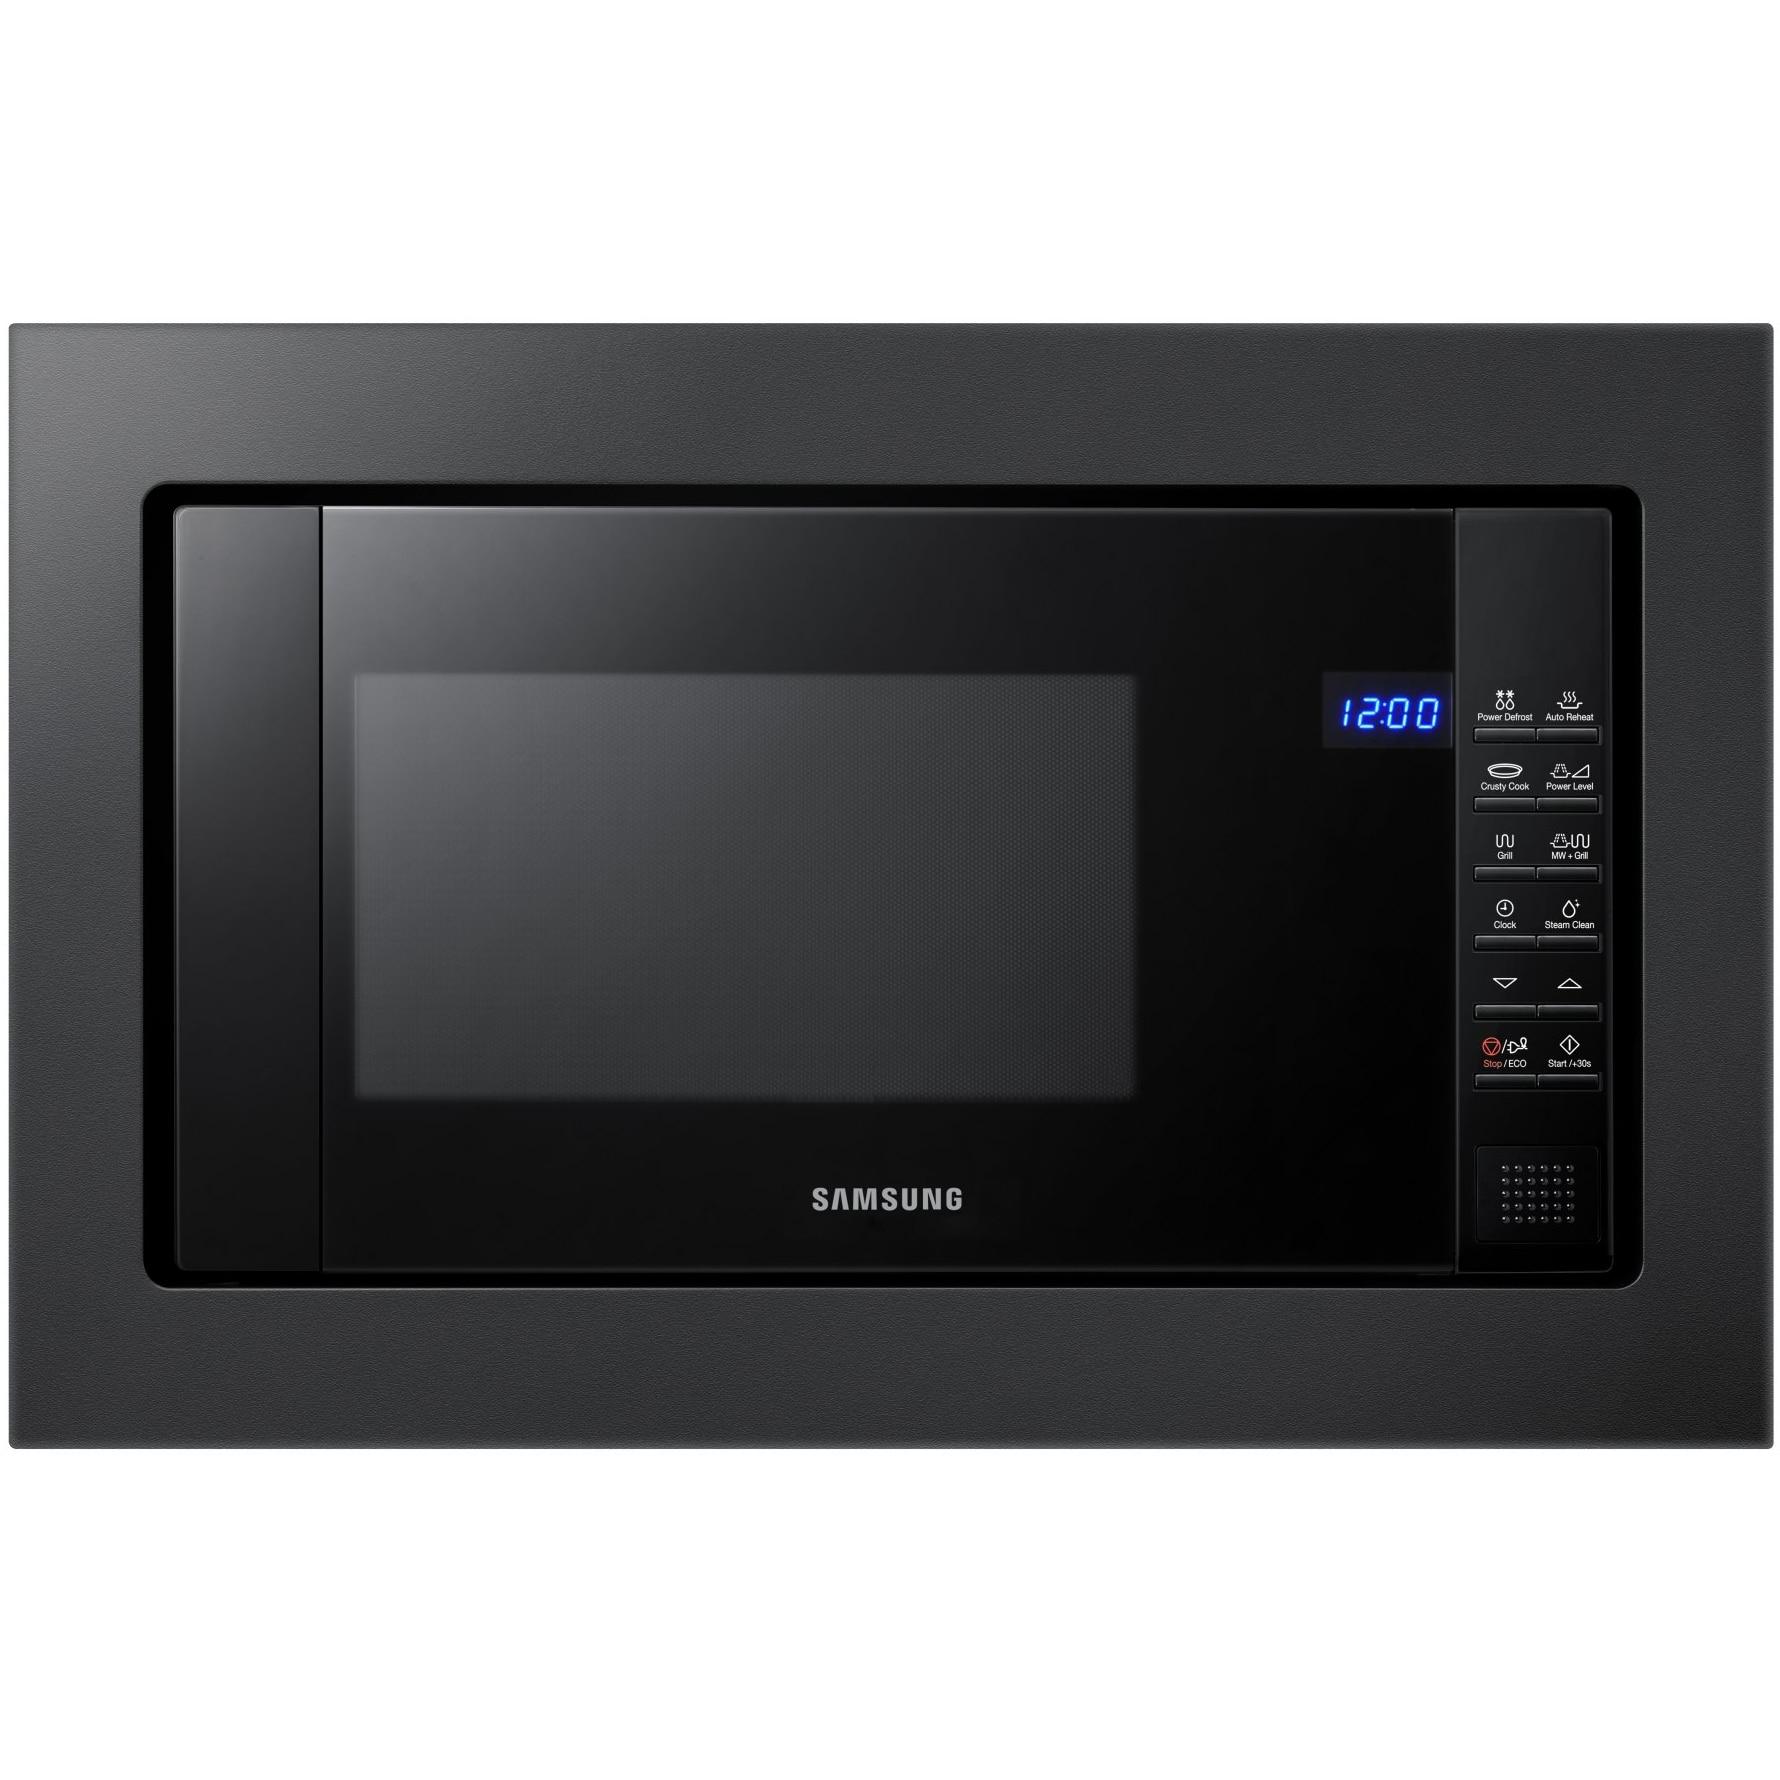 Fotografie Cuptor cu microunde incorporabil Samsung FG87SUB/BOL, 23 l, 800 W, Grill, Curatare cu aburi, Negru